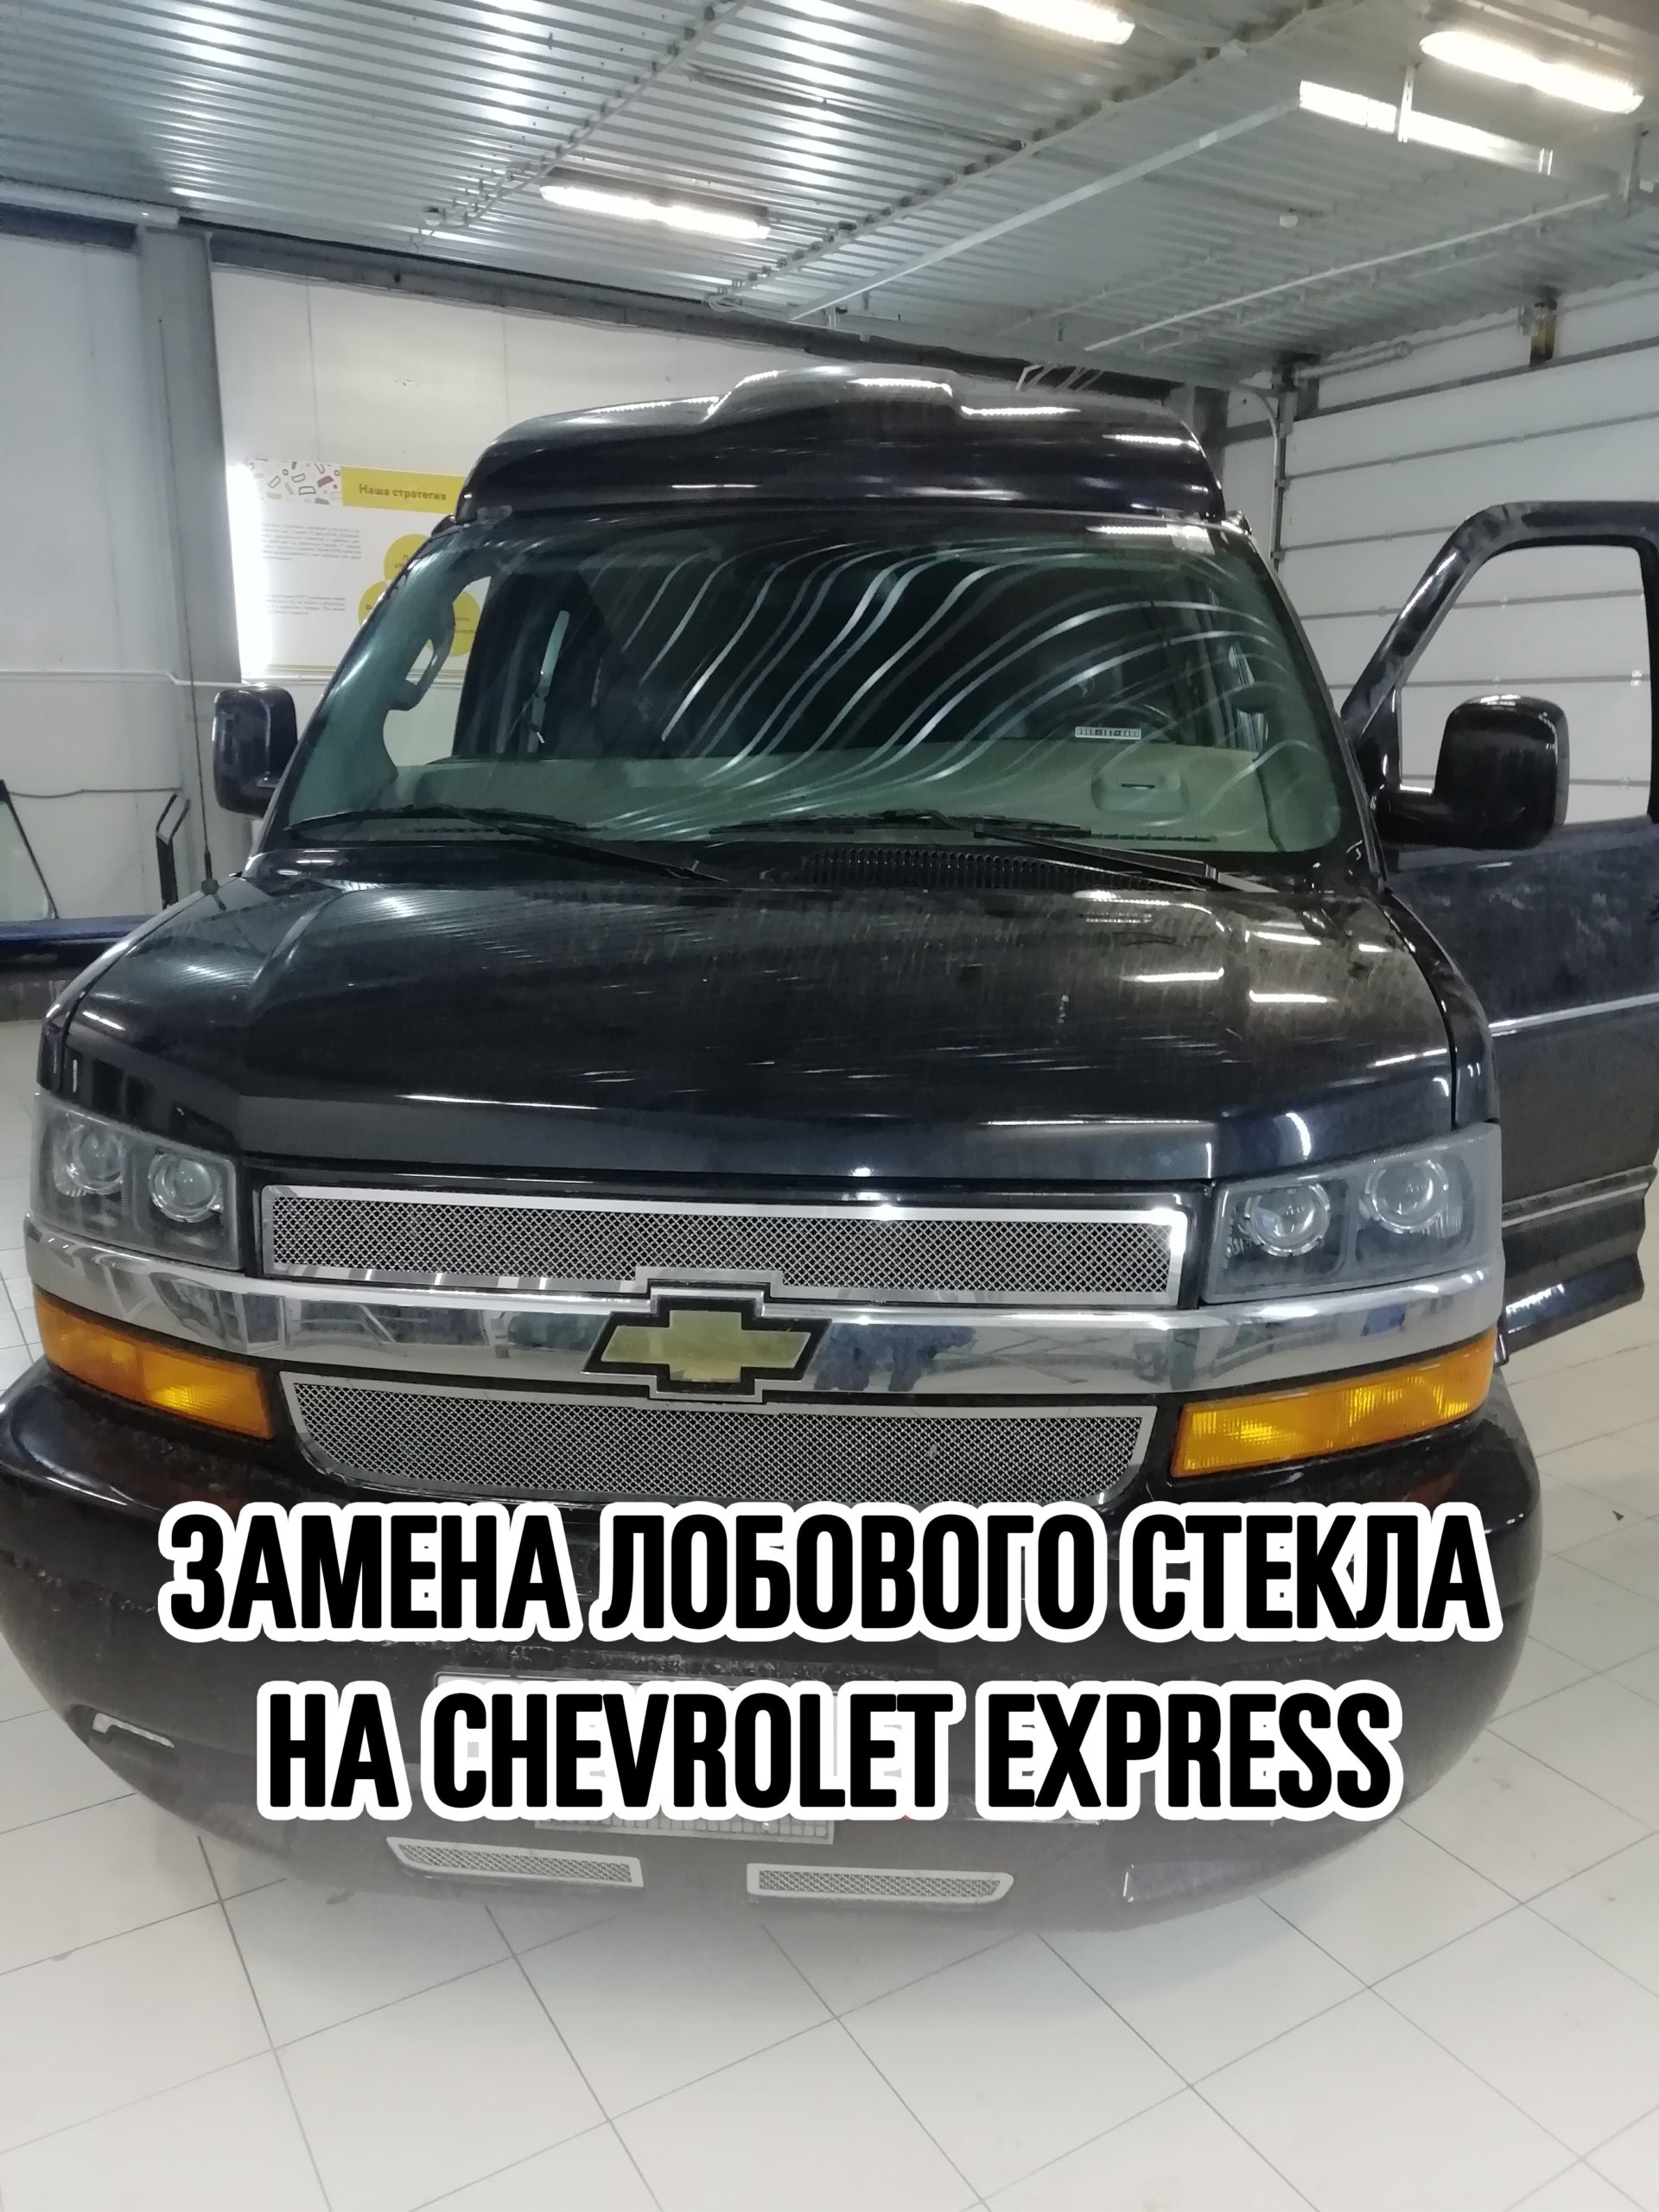 Лобовое стекло на Chevrolet Express купить и установить в Москве